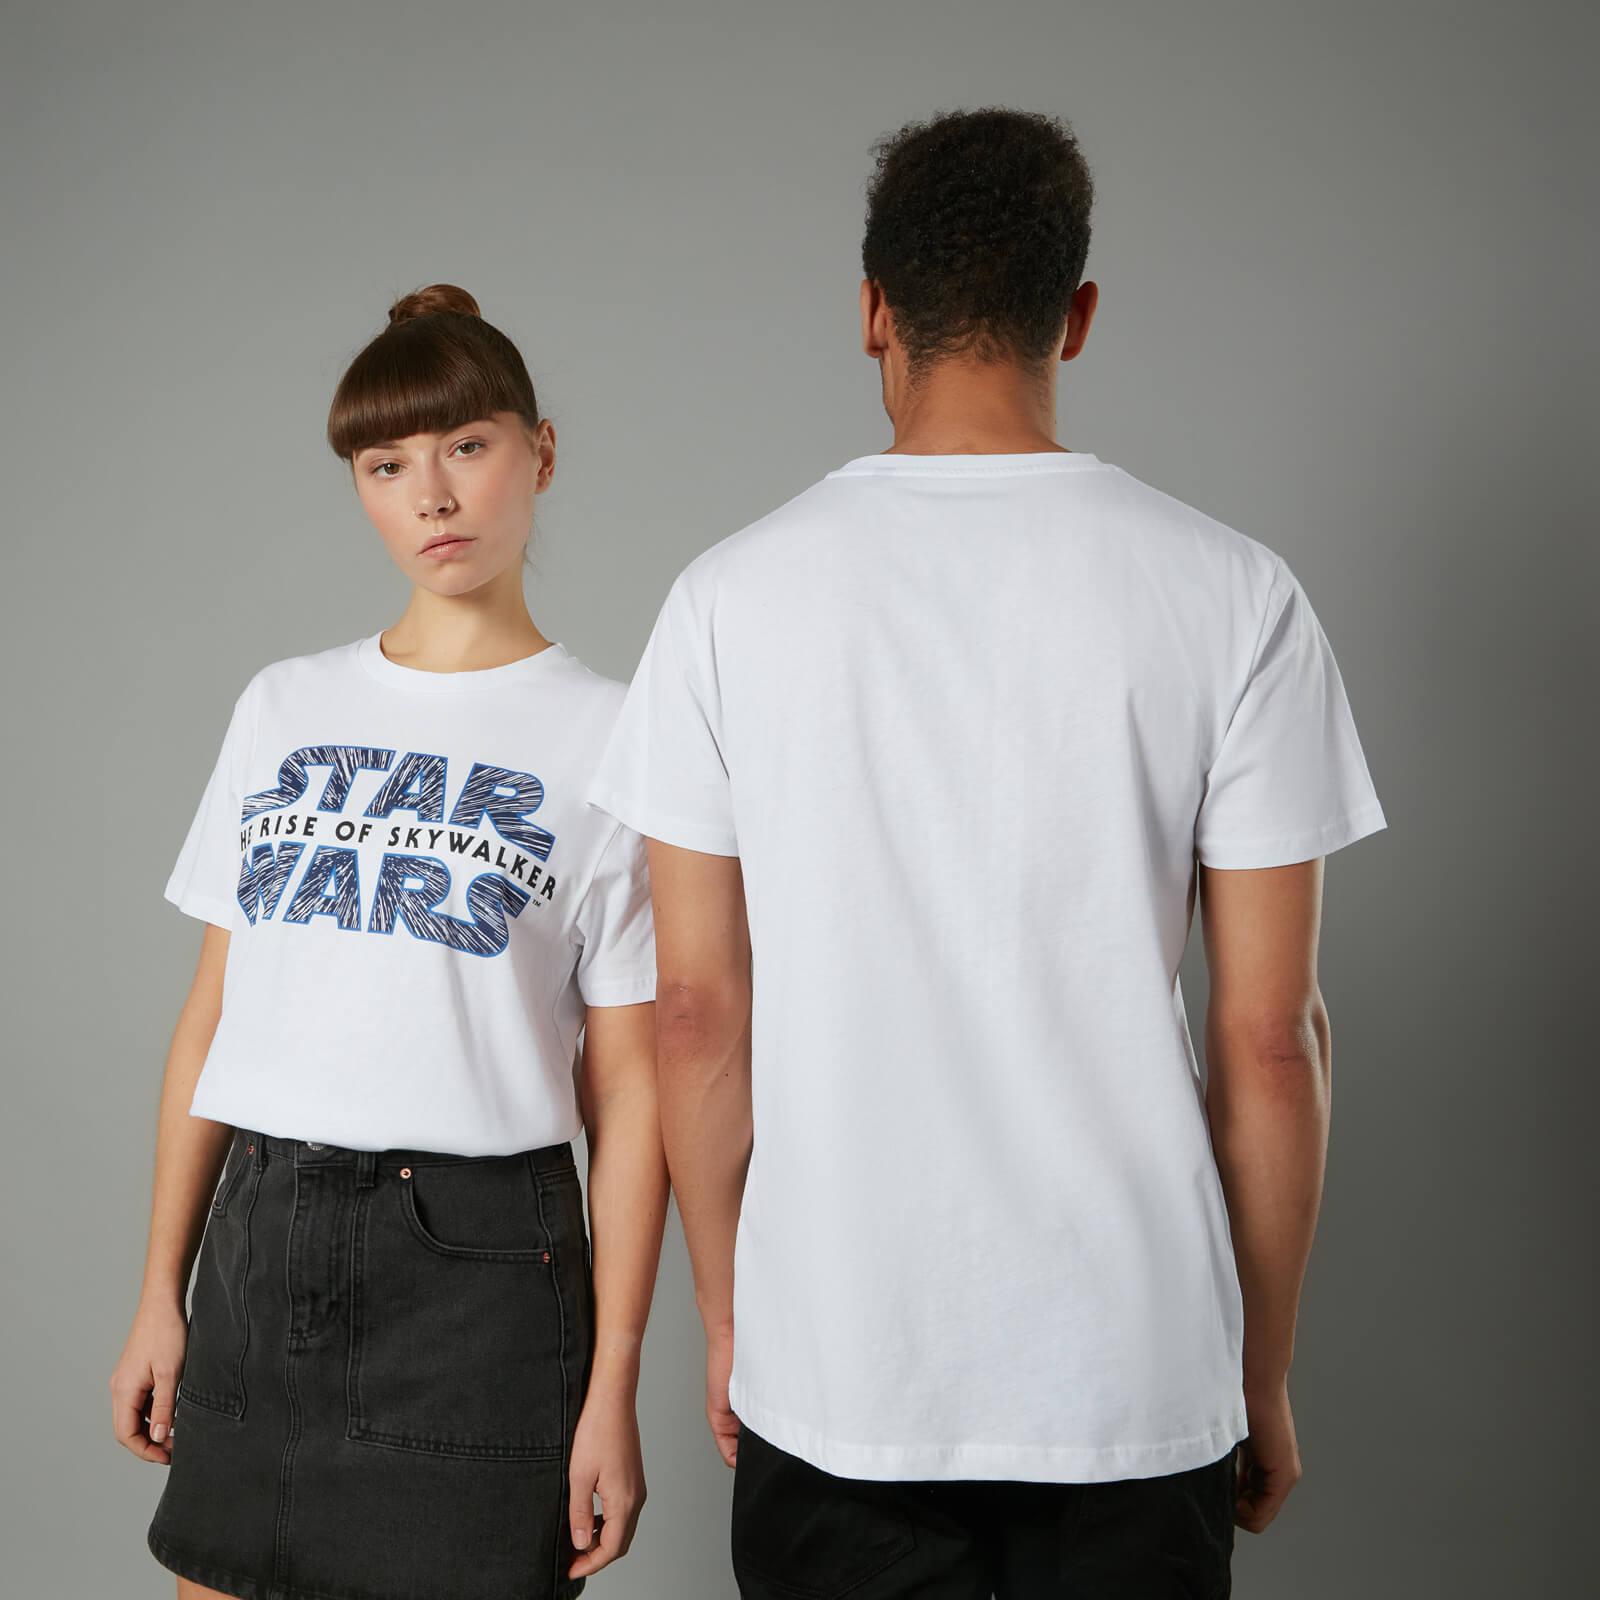 Star Wars The Rise of Skywalker Kollektion von Zavvi